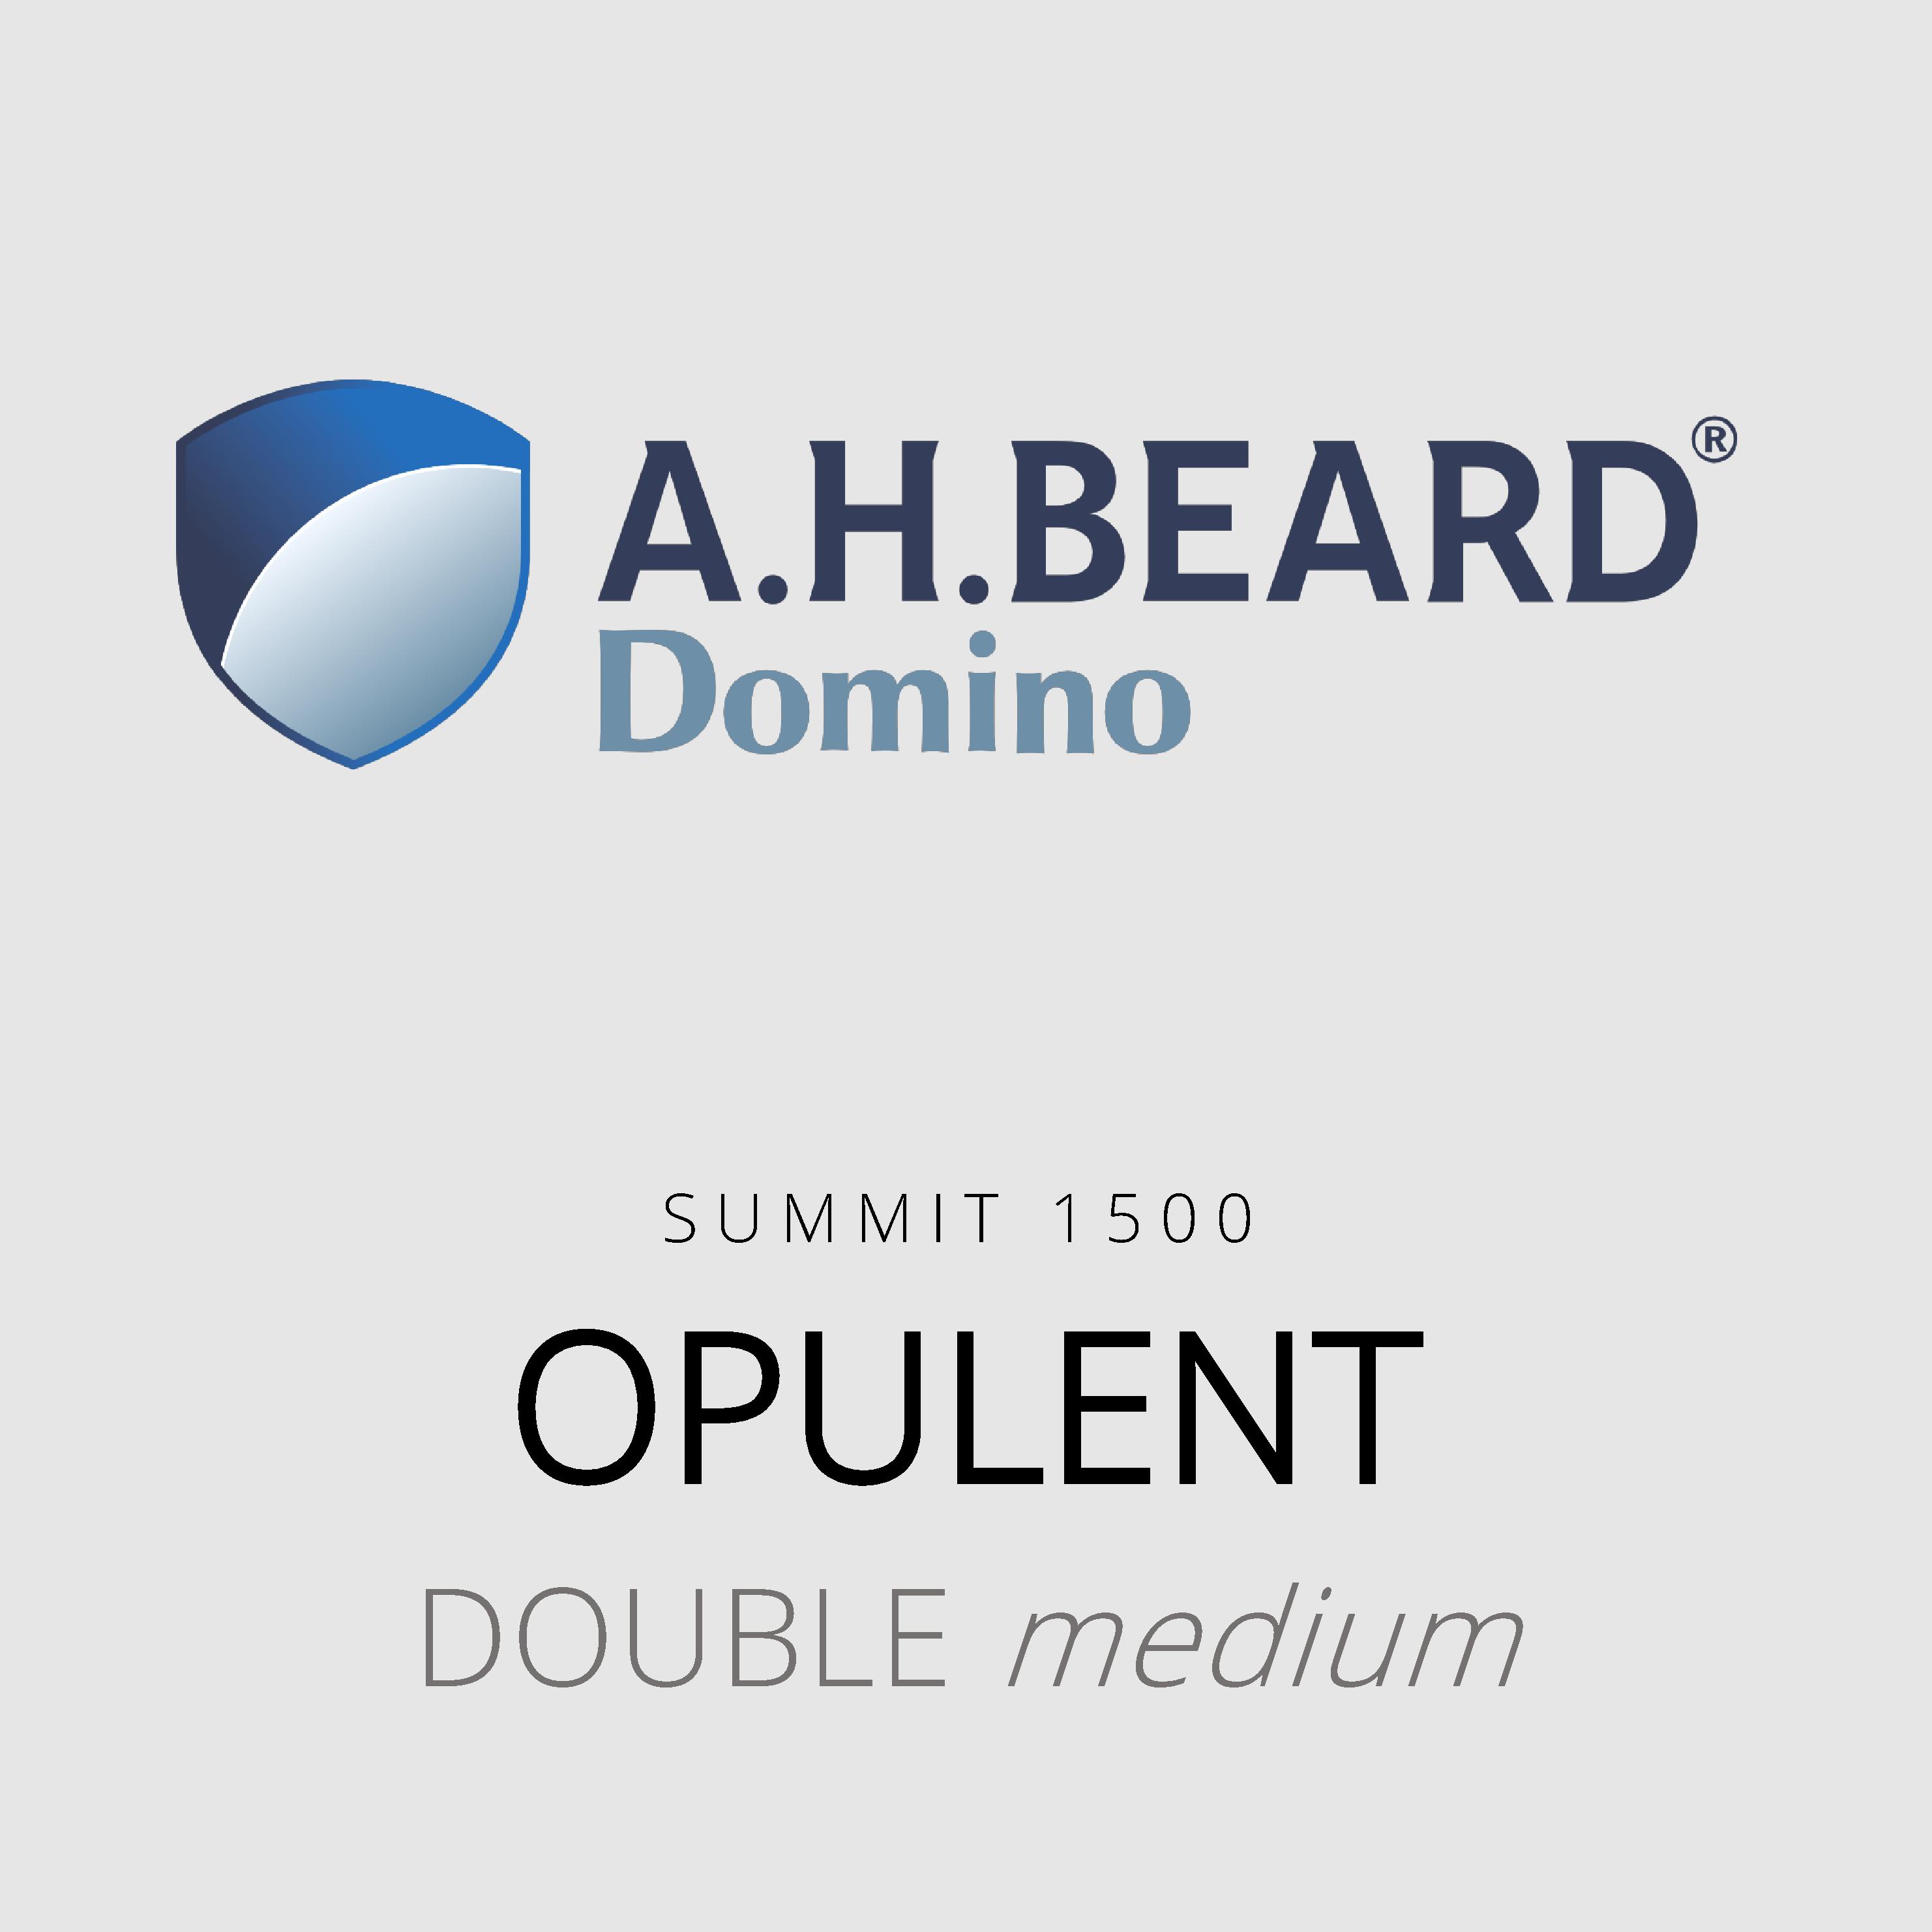 AH Beard Domino – Opulent – Summit 1500 – Double Medium Mattress